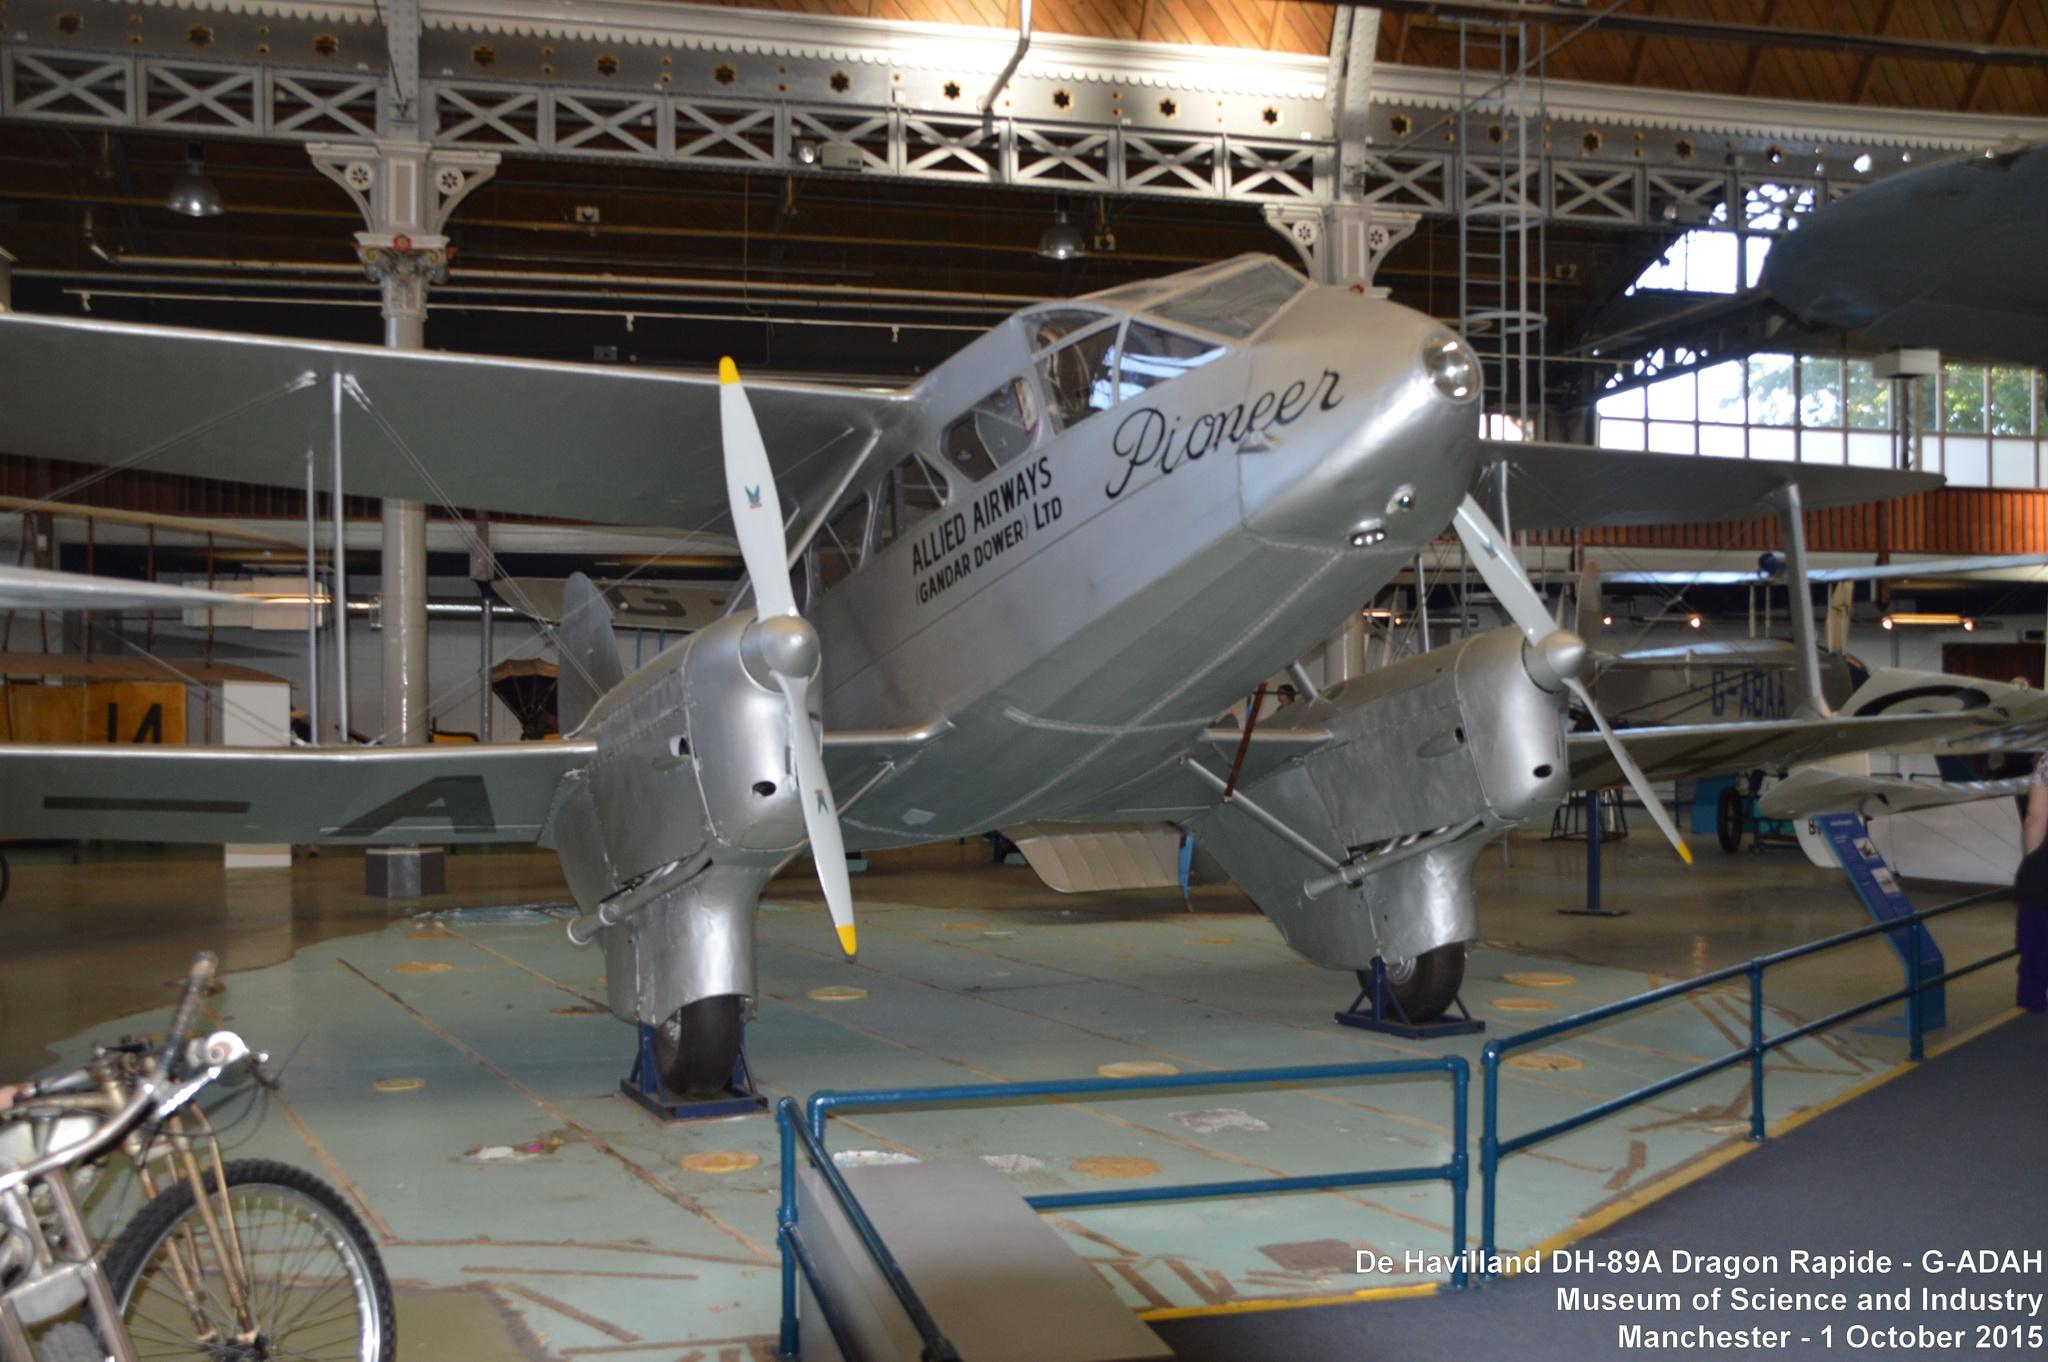 De Havilland DH-89A Dragon Rapide - G-ADAH by Graham Wood Photo Collection